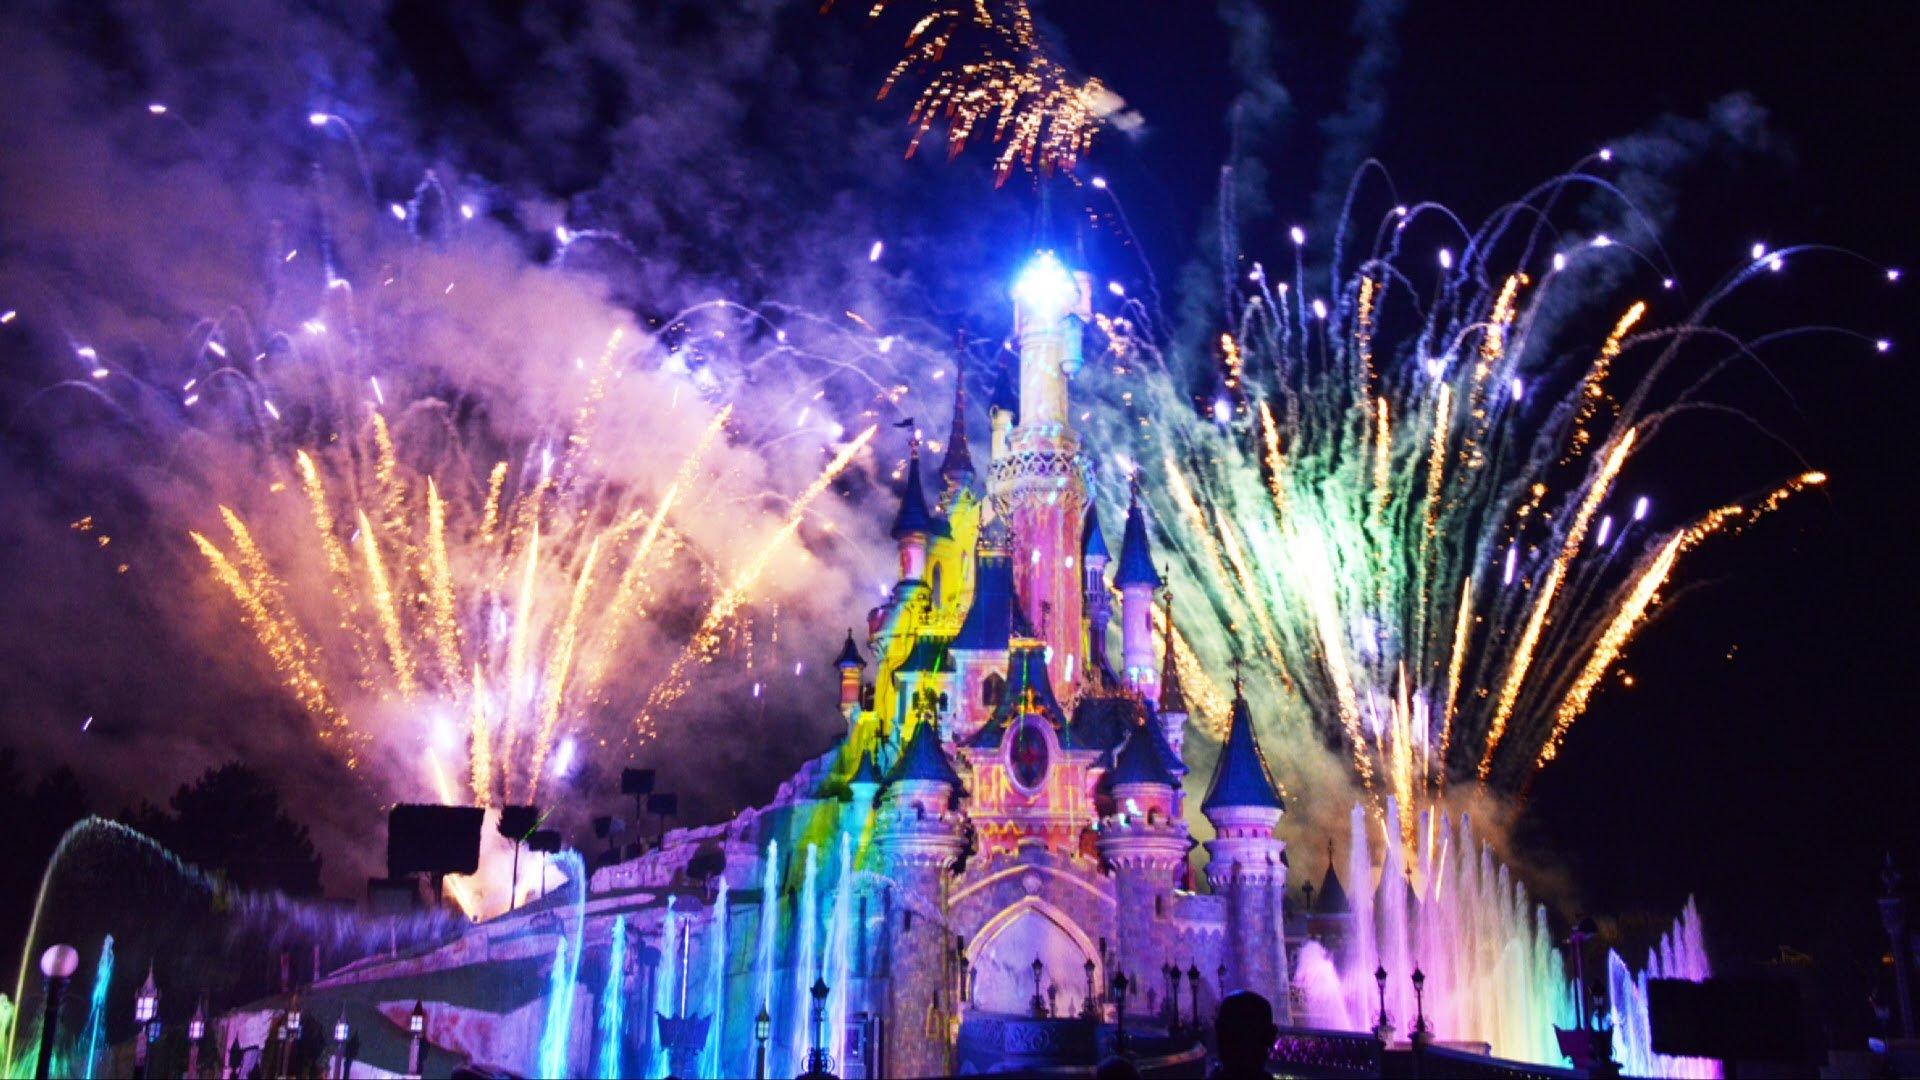 maxresdefault 1 - Disneyland lance son festival Electro: rendez-vous le 8 juillet prochain !